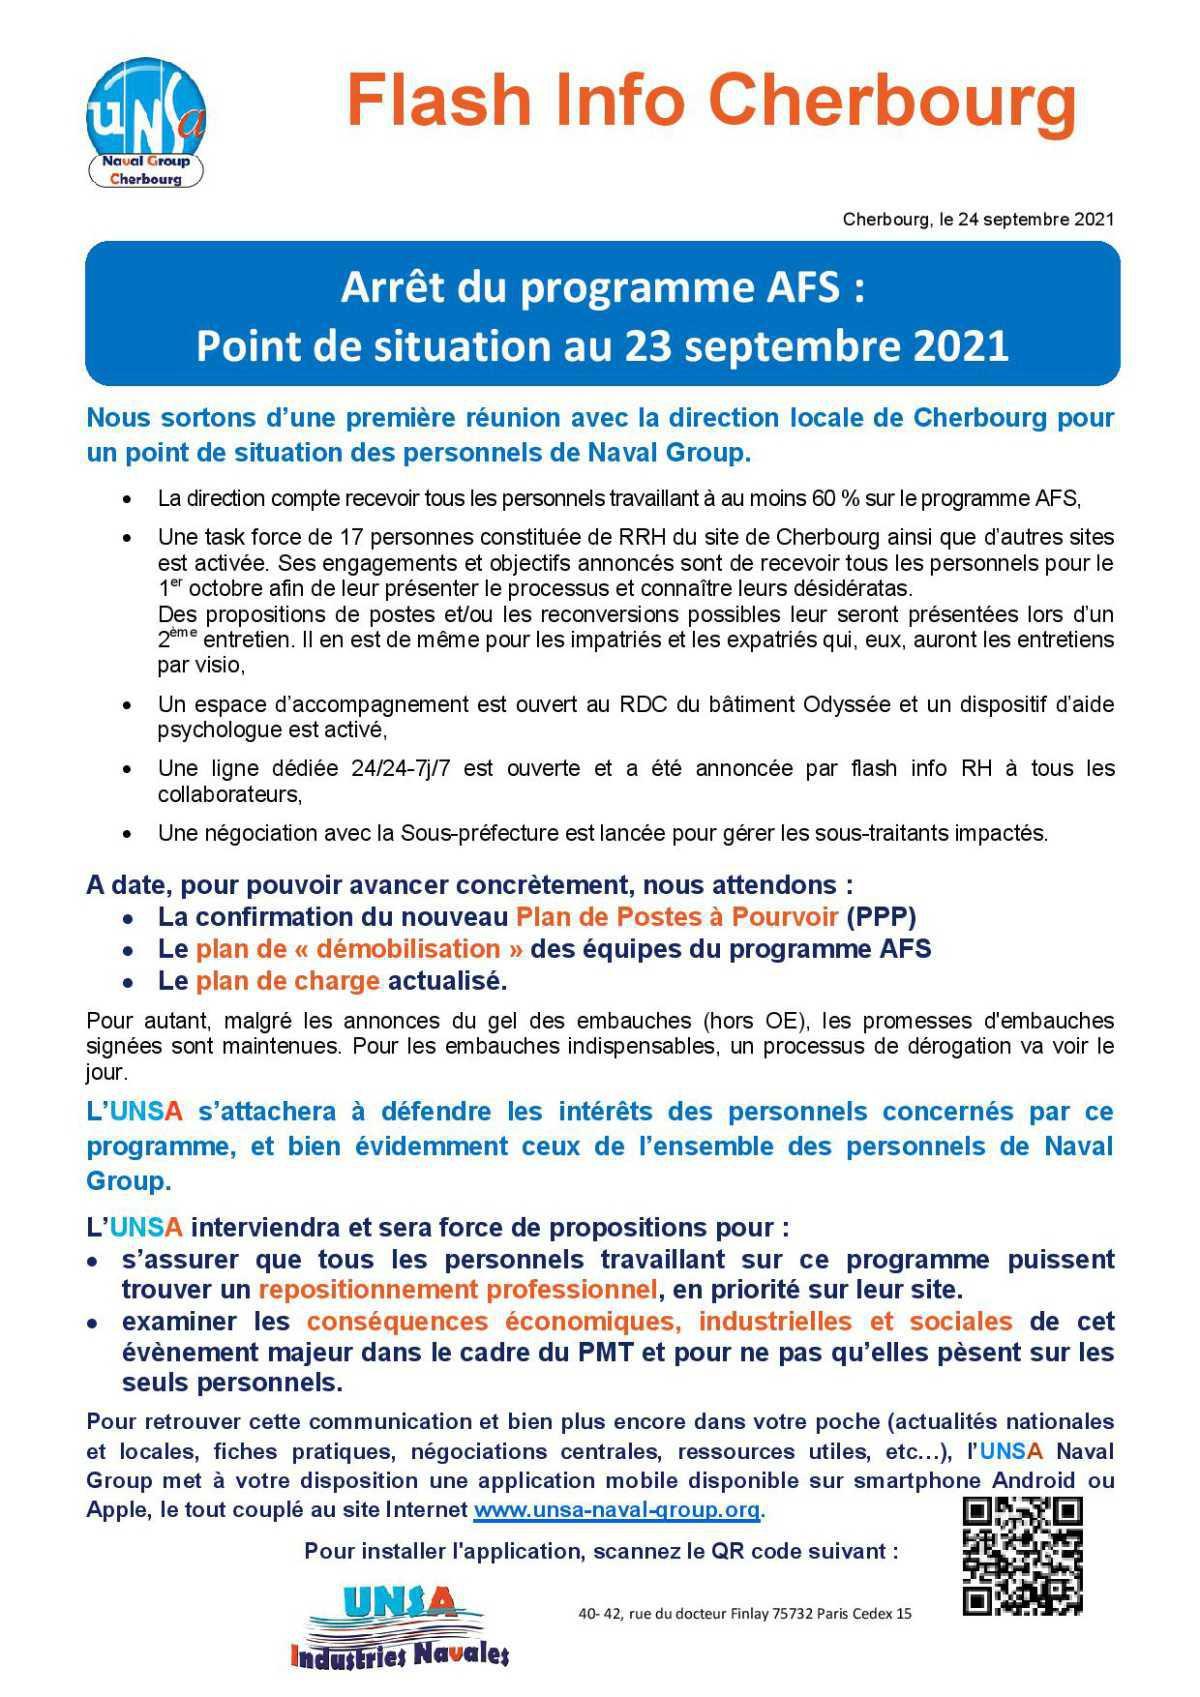 Arrêt du programme AFS : Point de situation au 23 septembre 2021